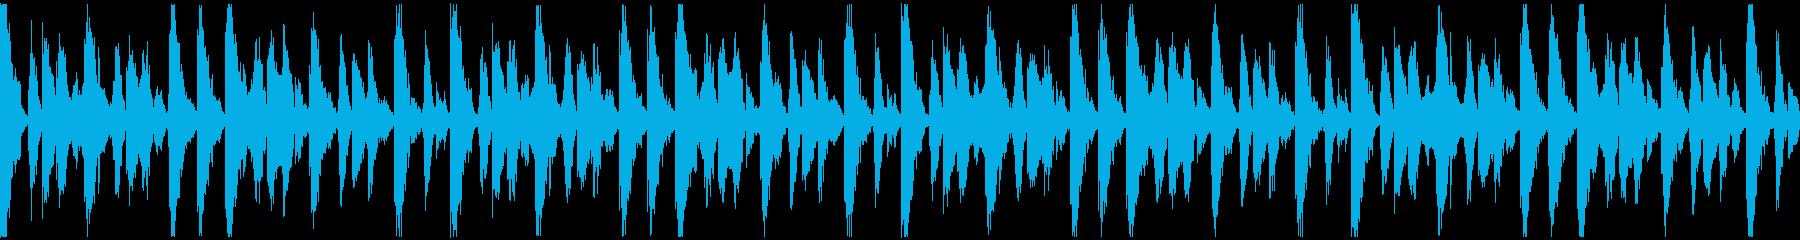 ループ[ニュース報道]無機質:09の再生済みの波形